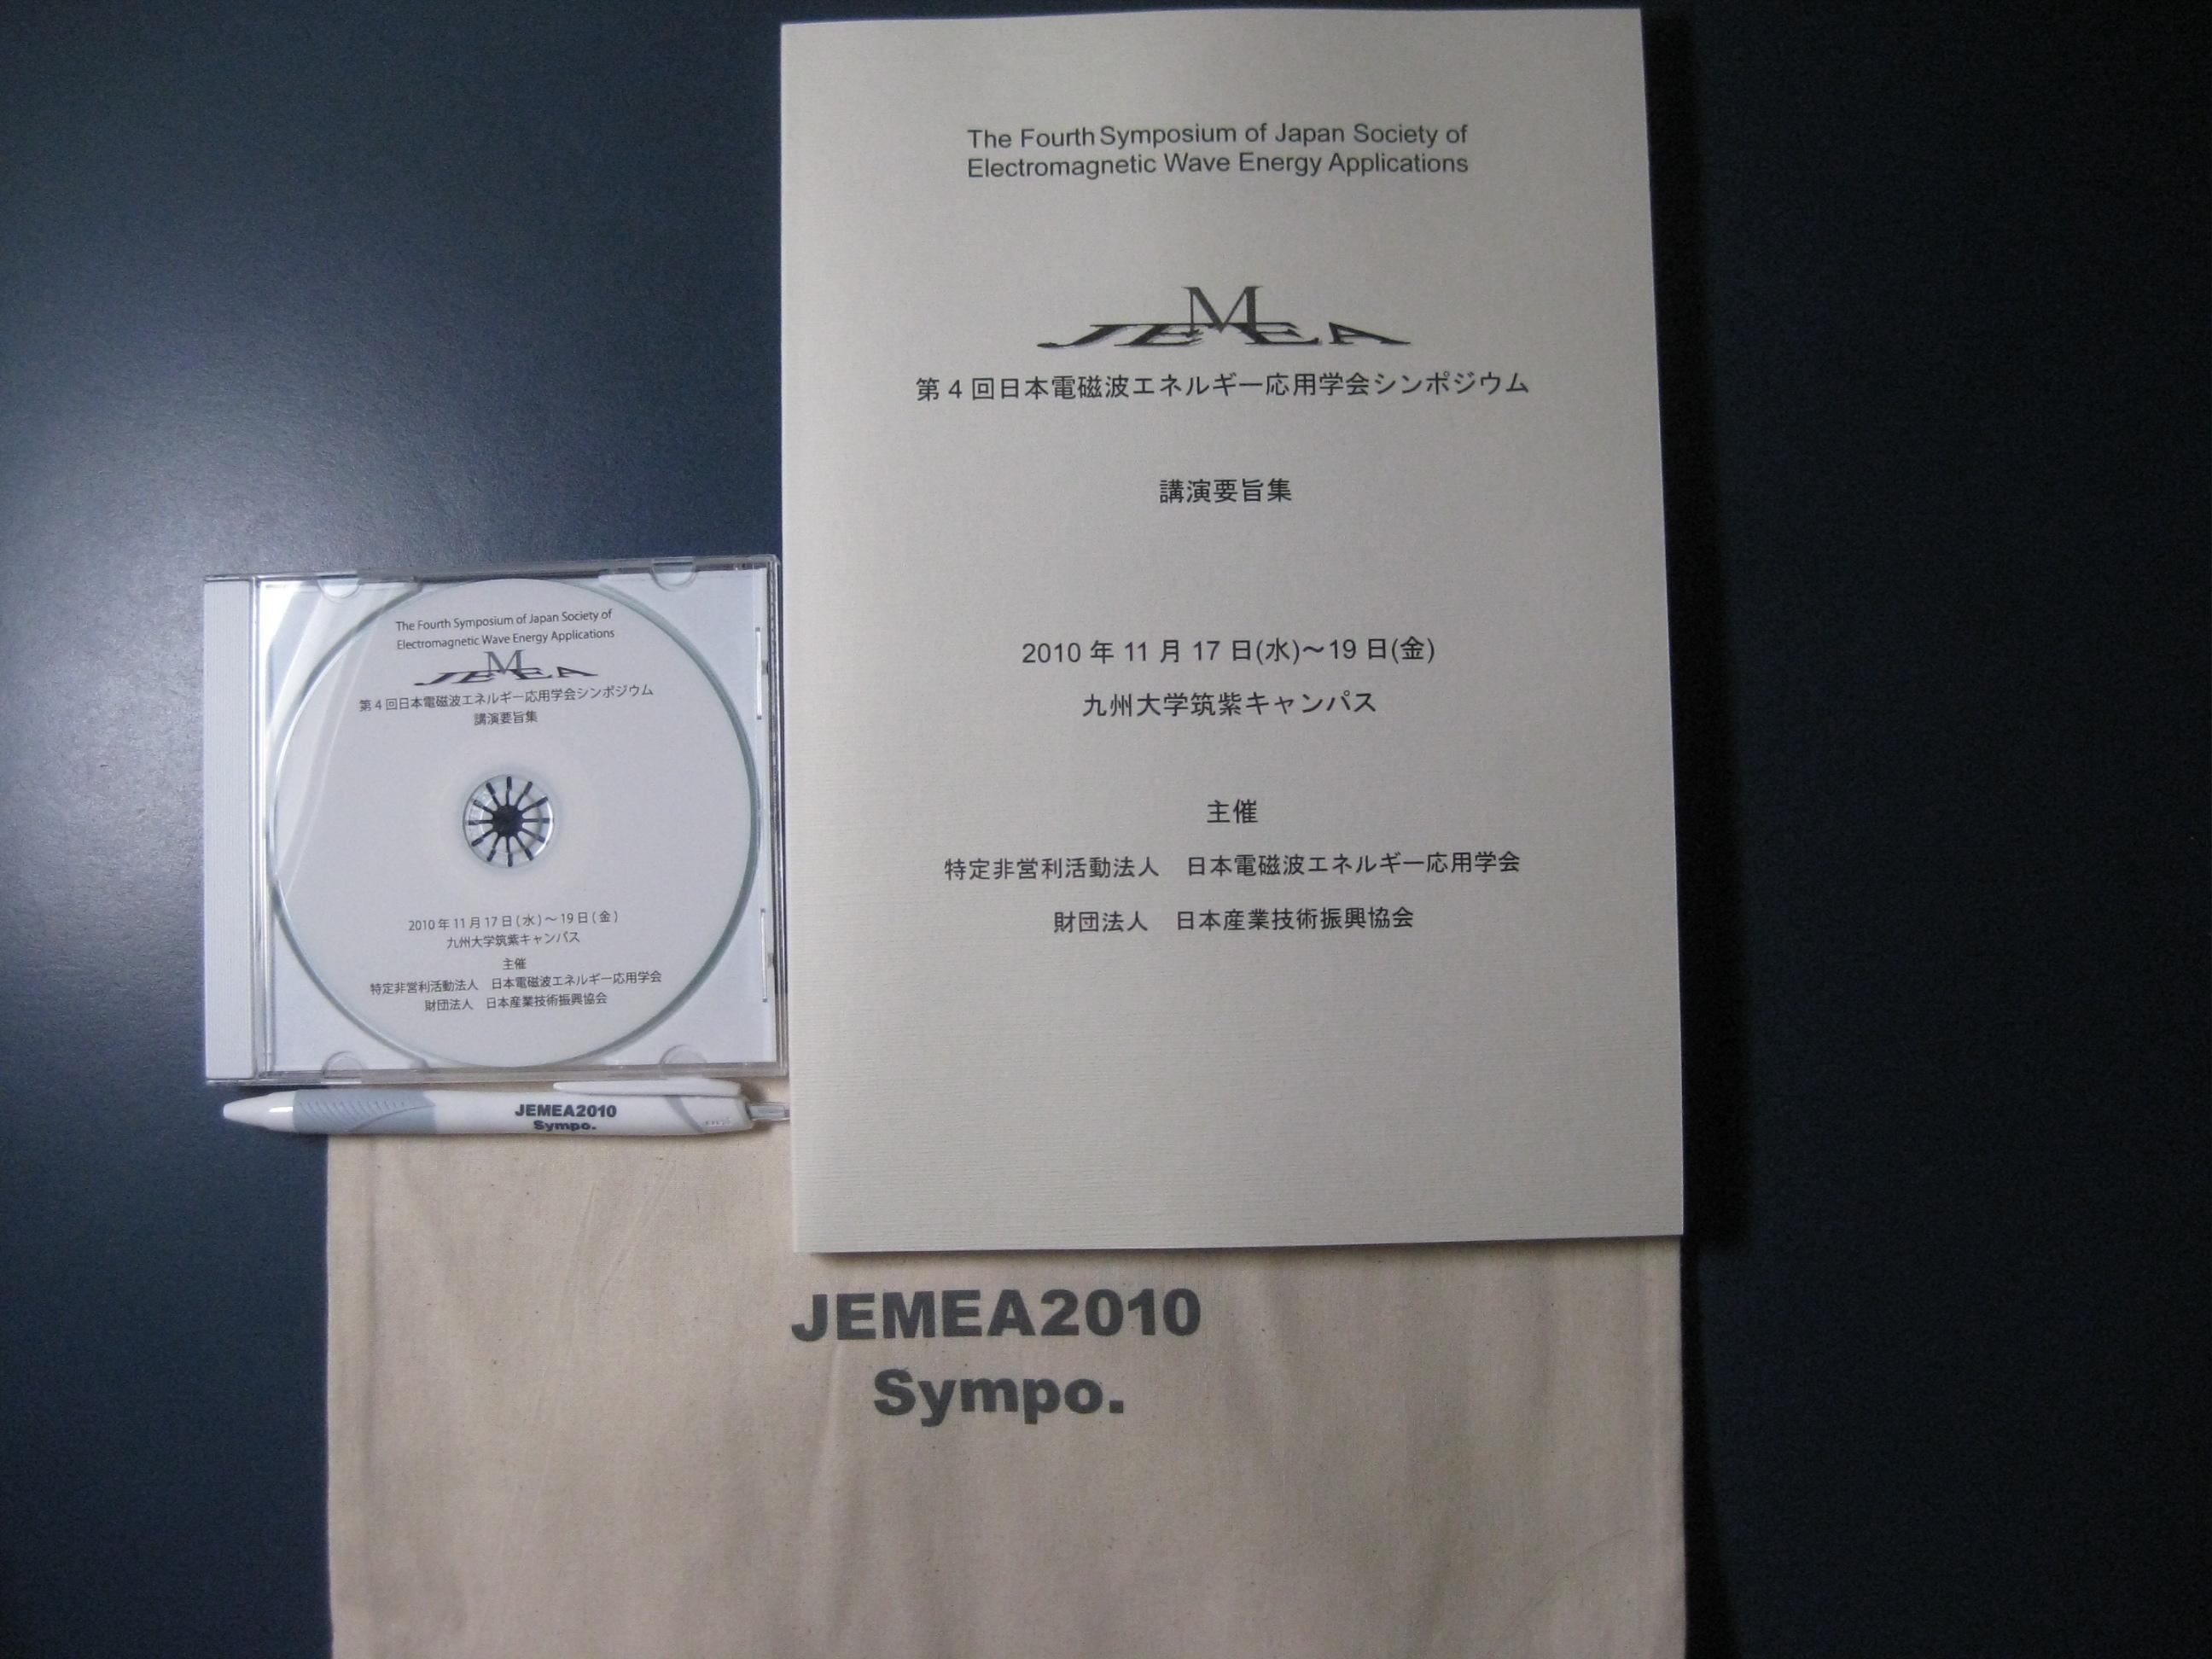 JEMEA018